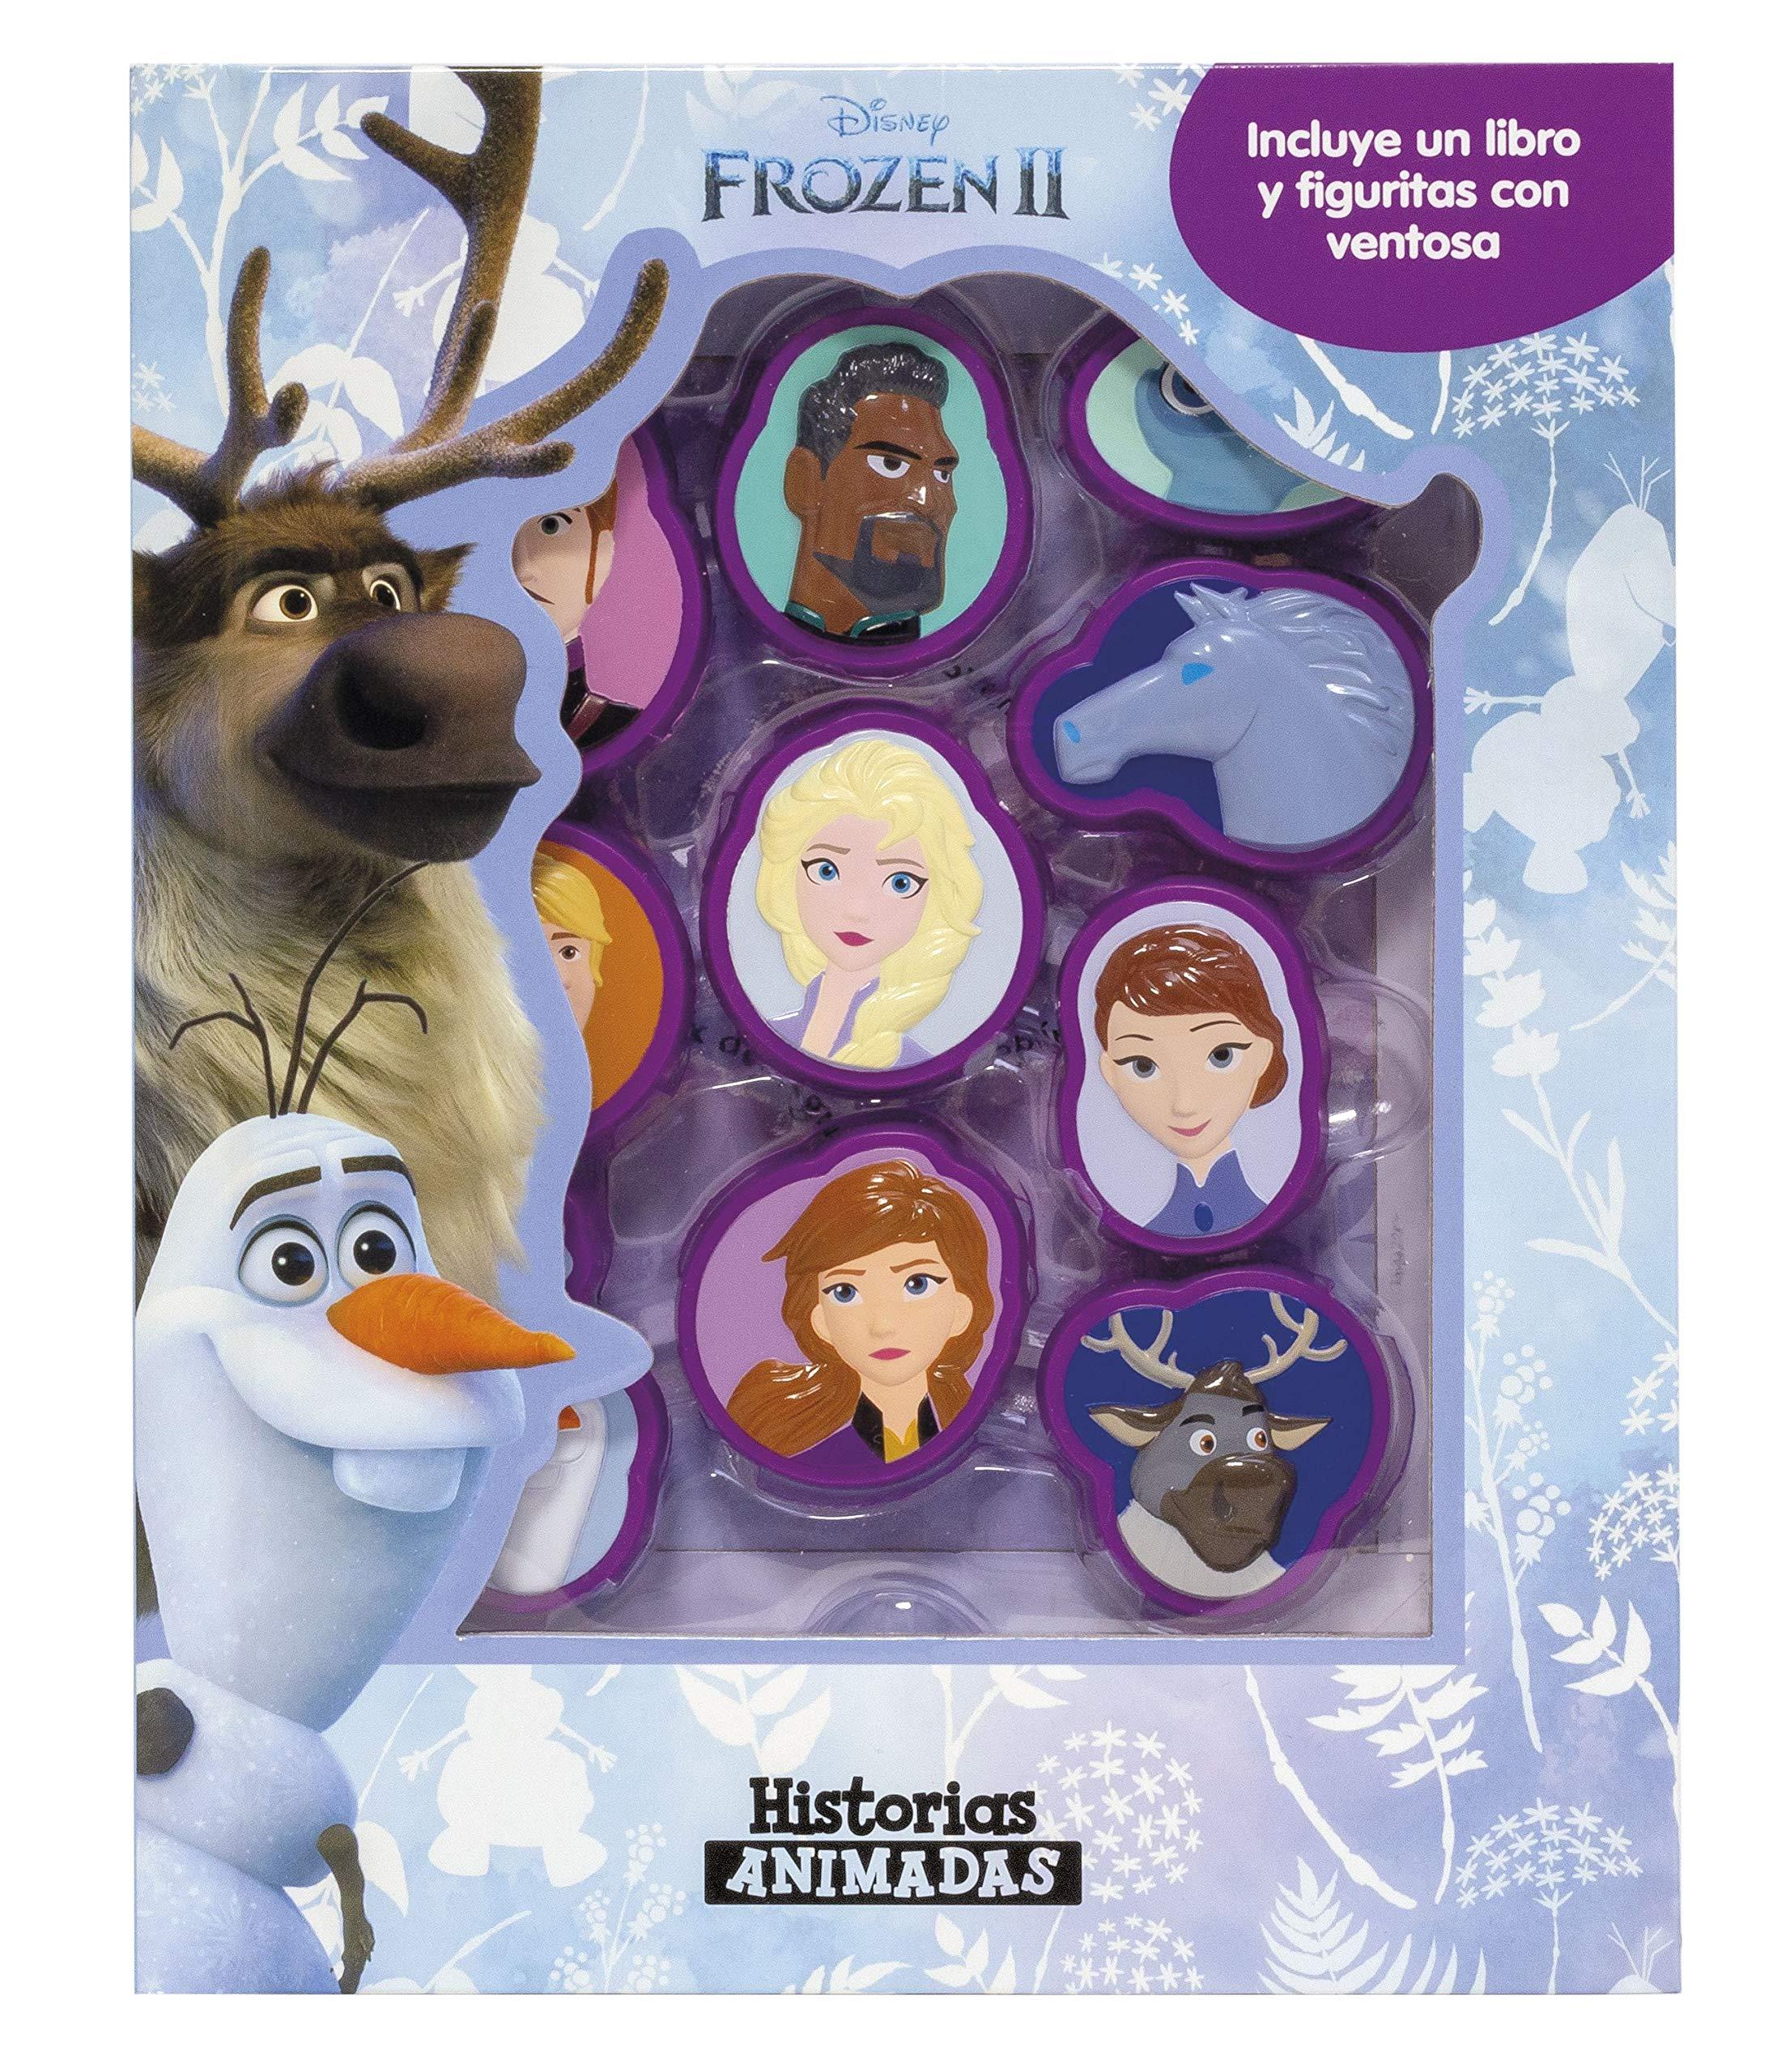 Frozen 2. Historias animadas: Incluye un libro y figuritas con ventosa: Amazon.es: Disney, Editorial Planeta S. A.: Libros